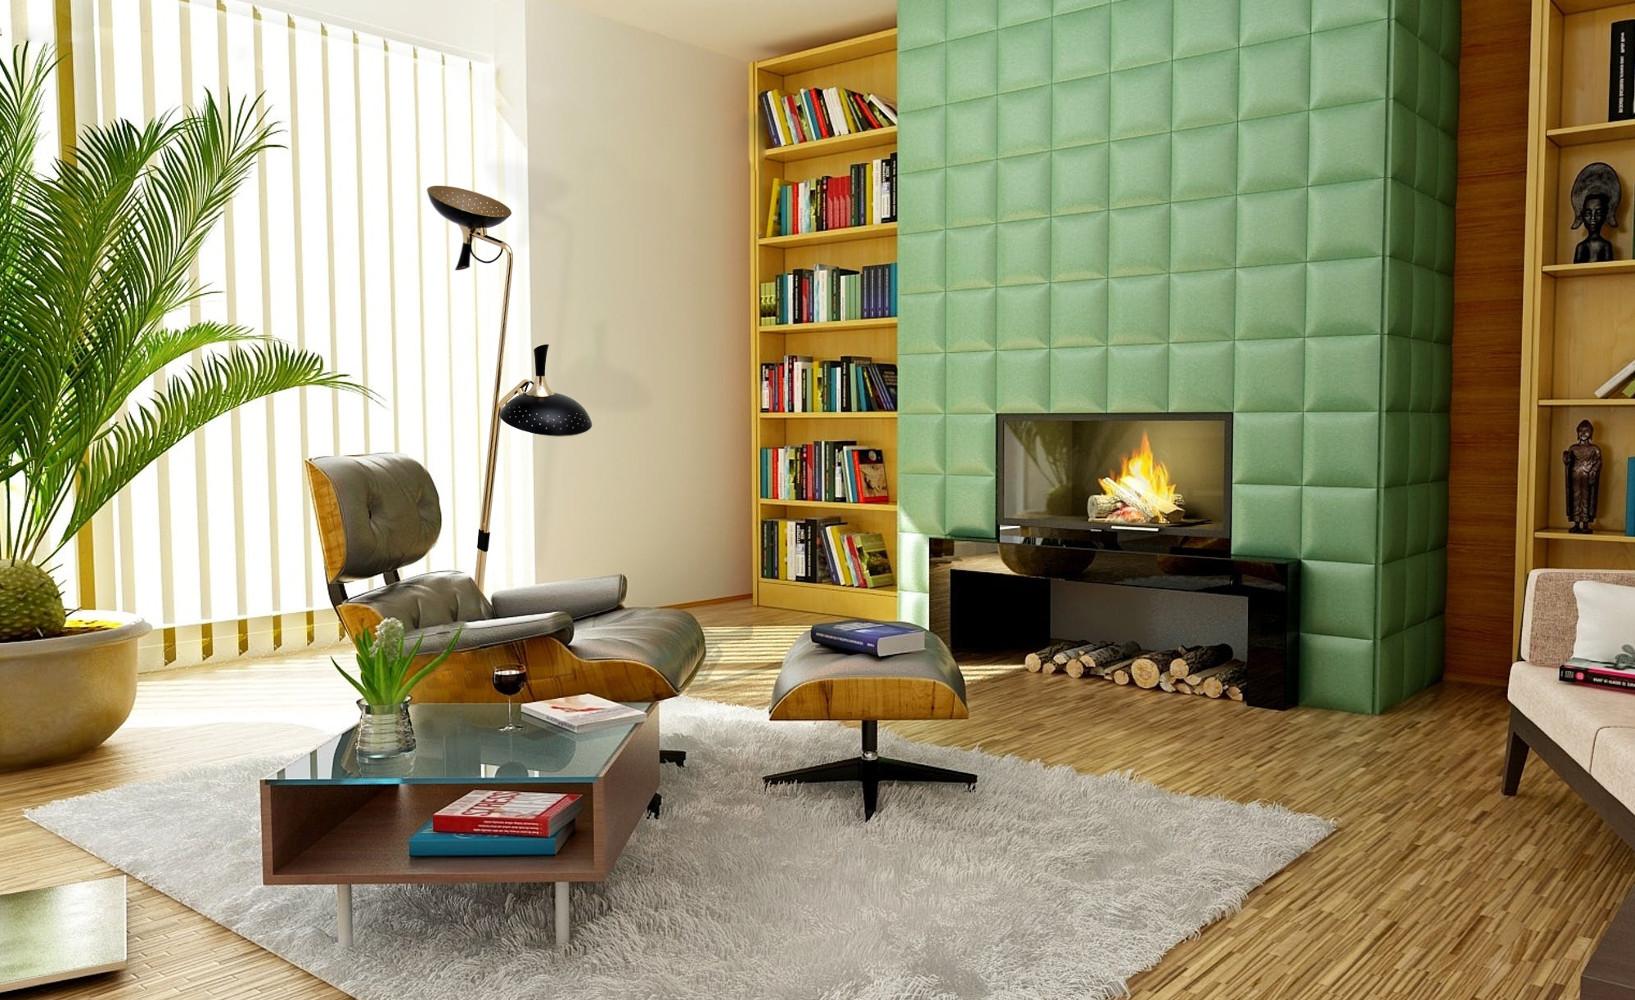 Möbel, Farben, Accessoires: Moderne Wohnzimmertrends 2020